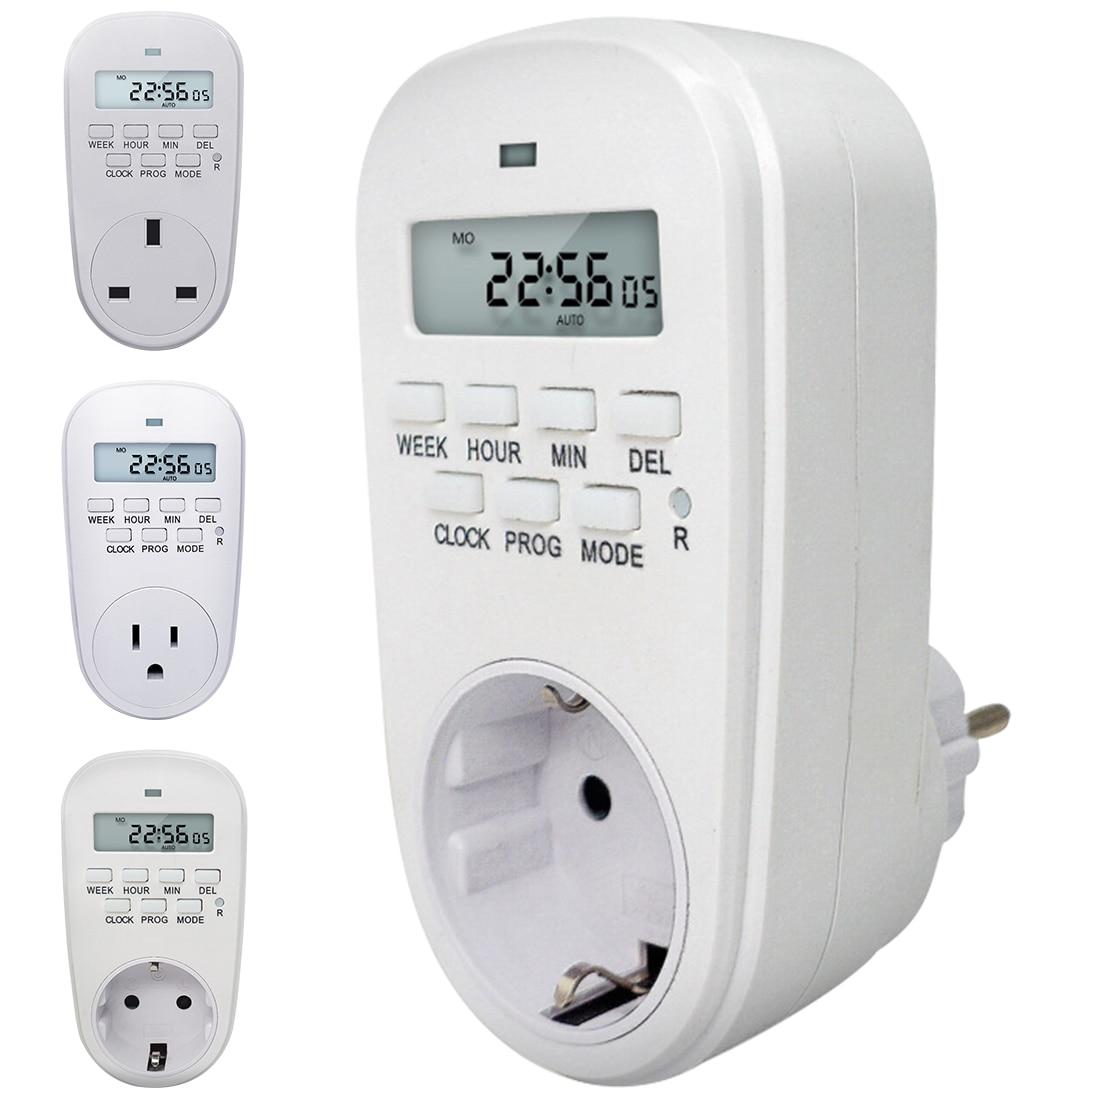 Enchufe de potencia inteligente con ahorro de energía EU/US/UK enchufe ajuste programable ajustable del reloj/encendido/apagado temporizador Digital